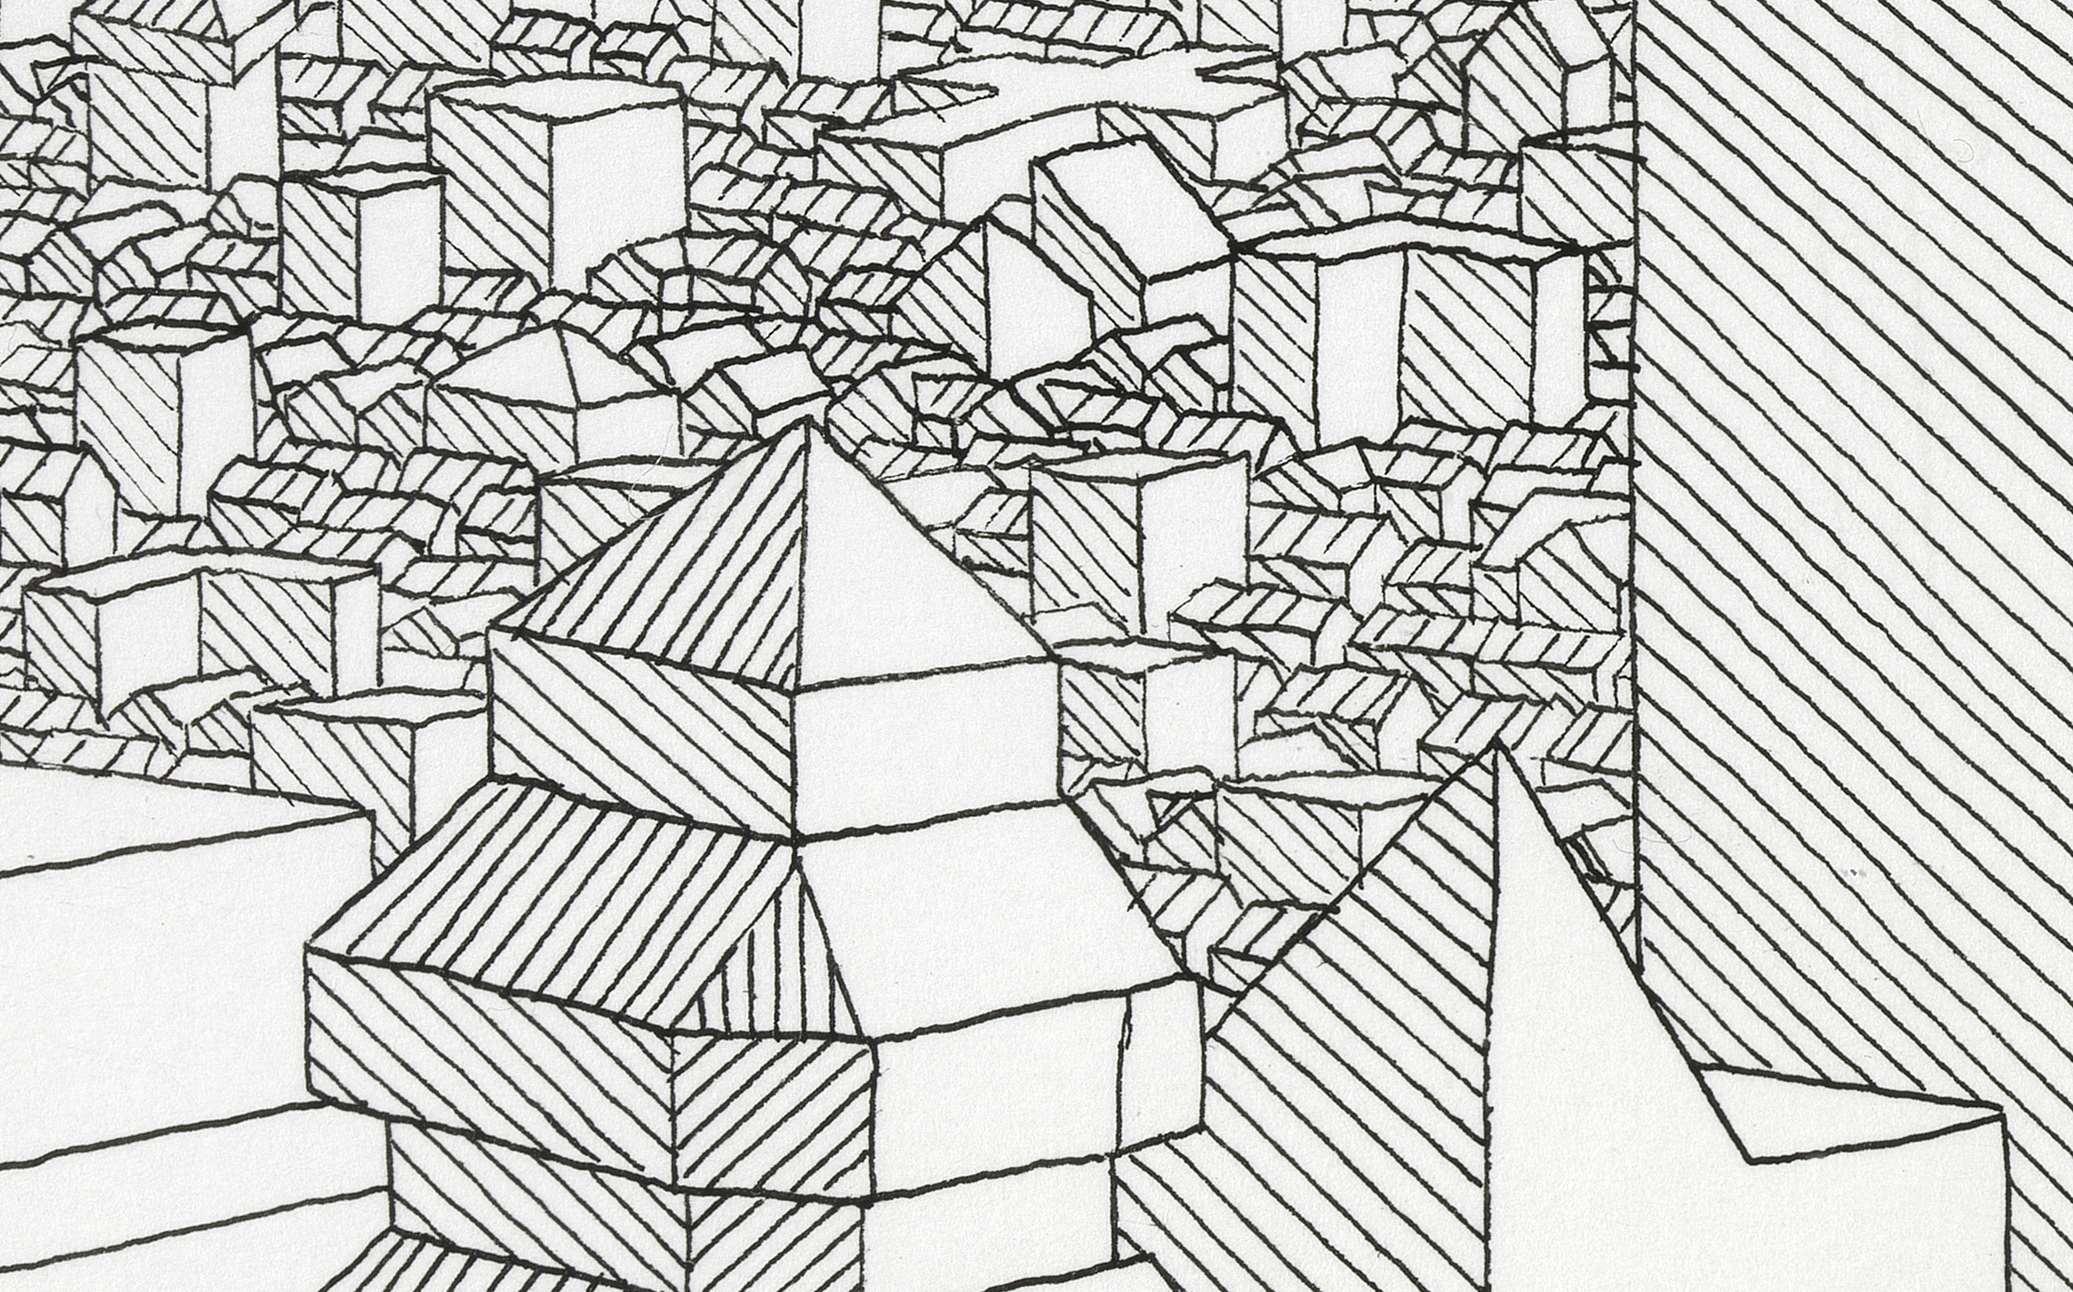 cut-out.No6,1.jpg